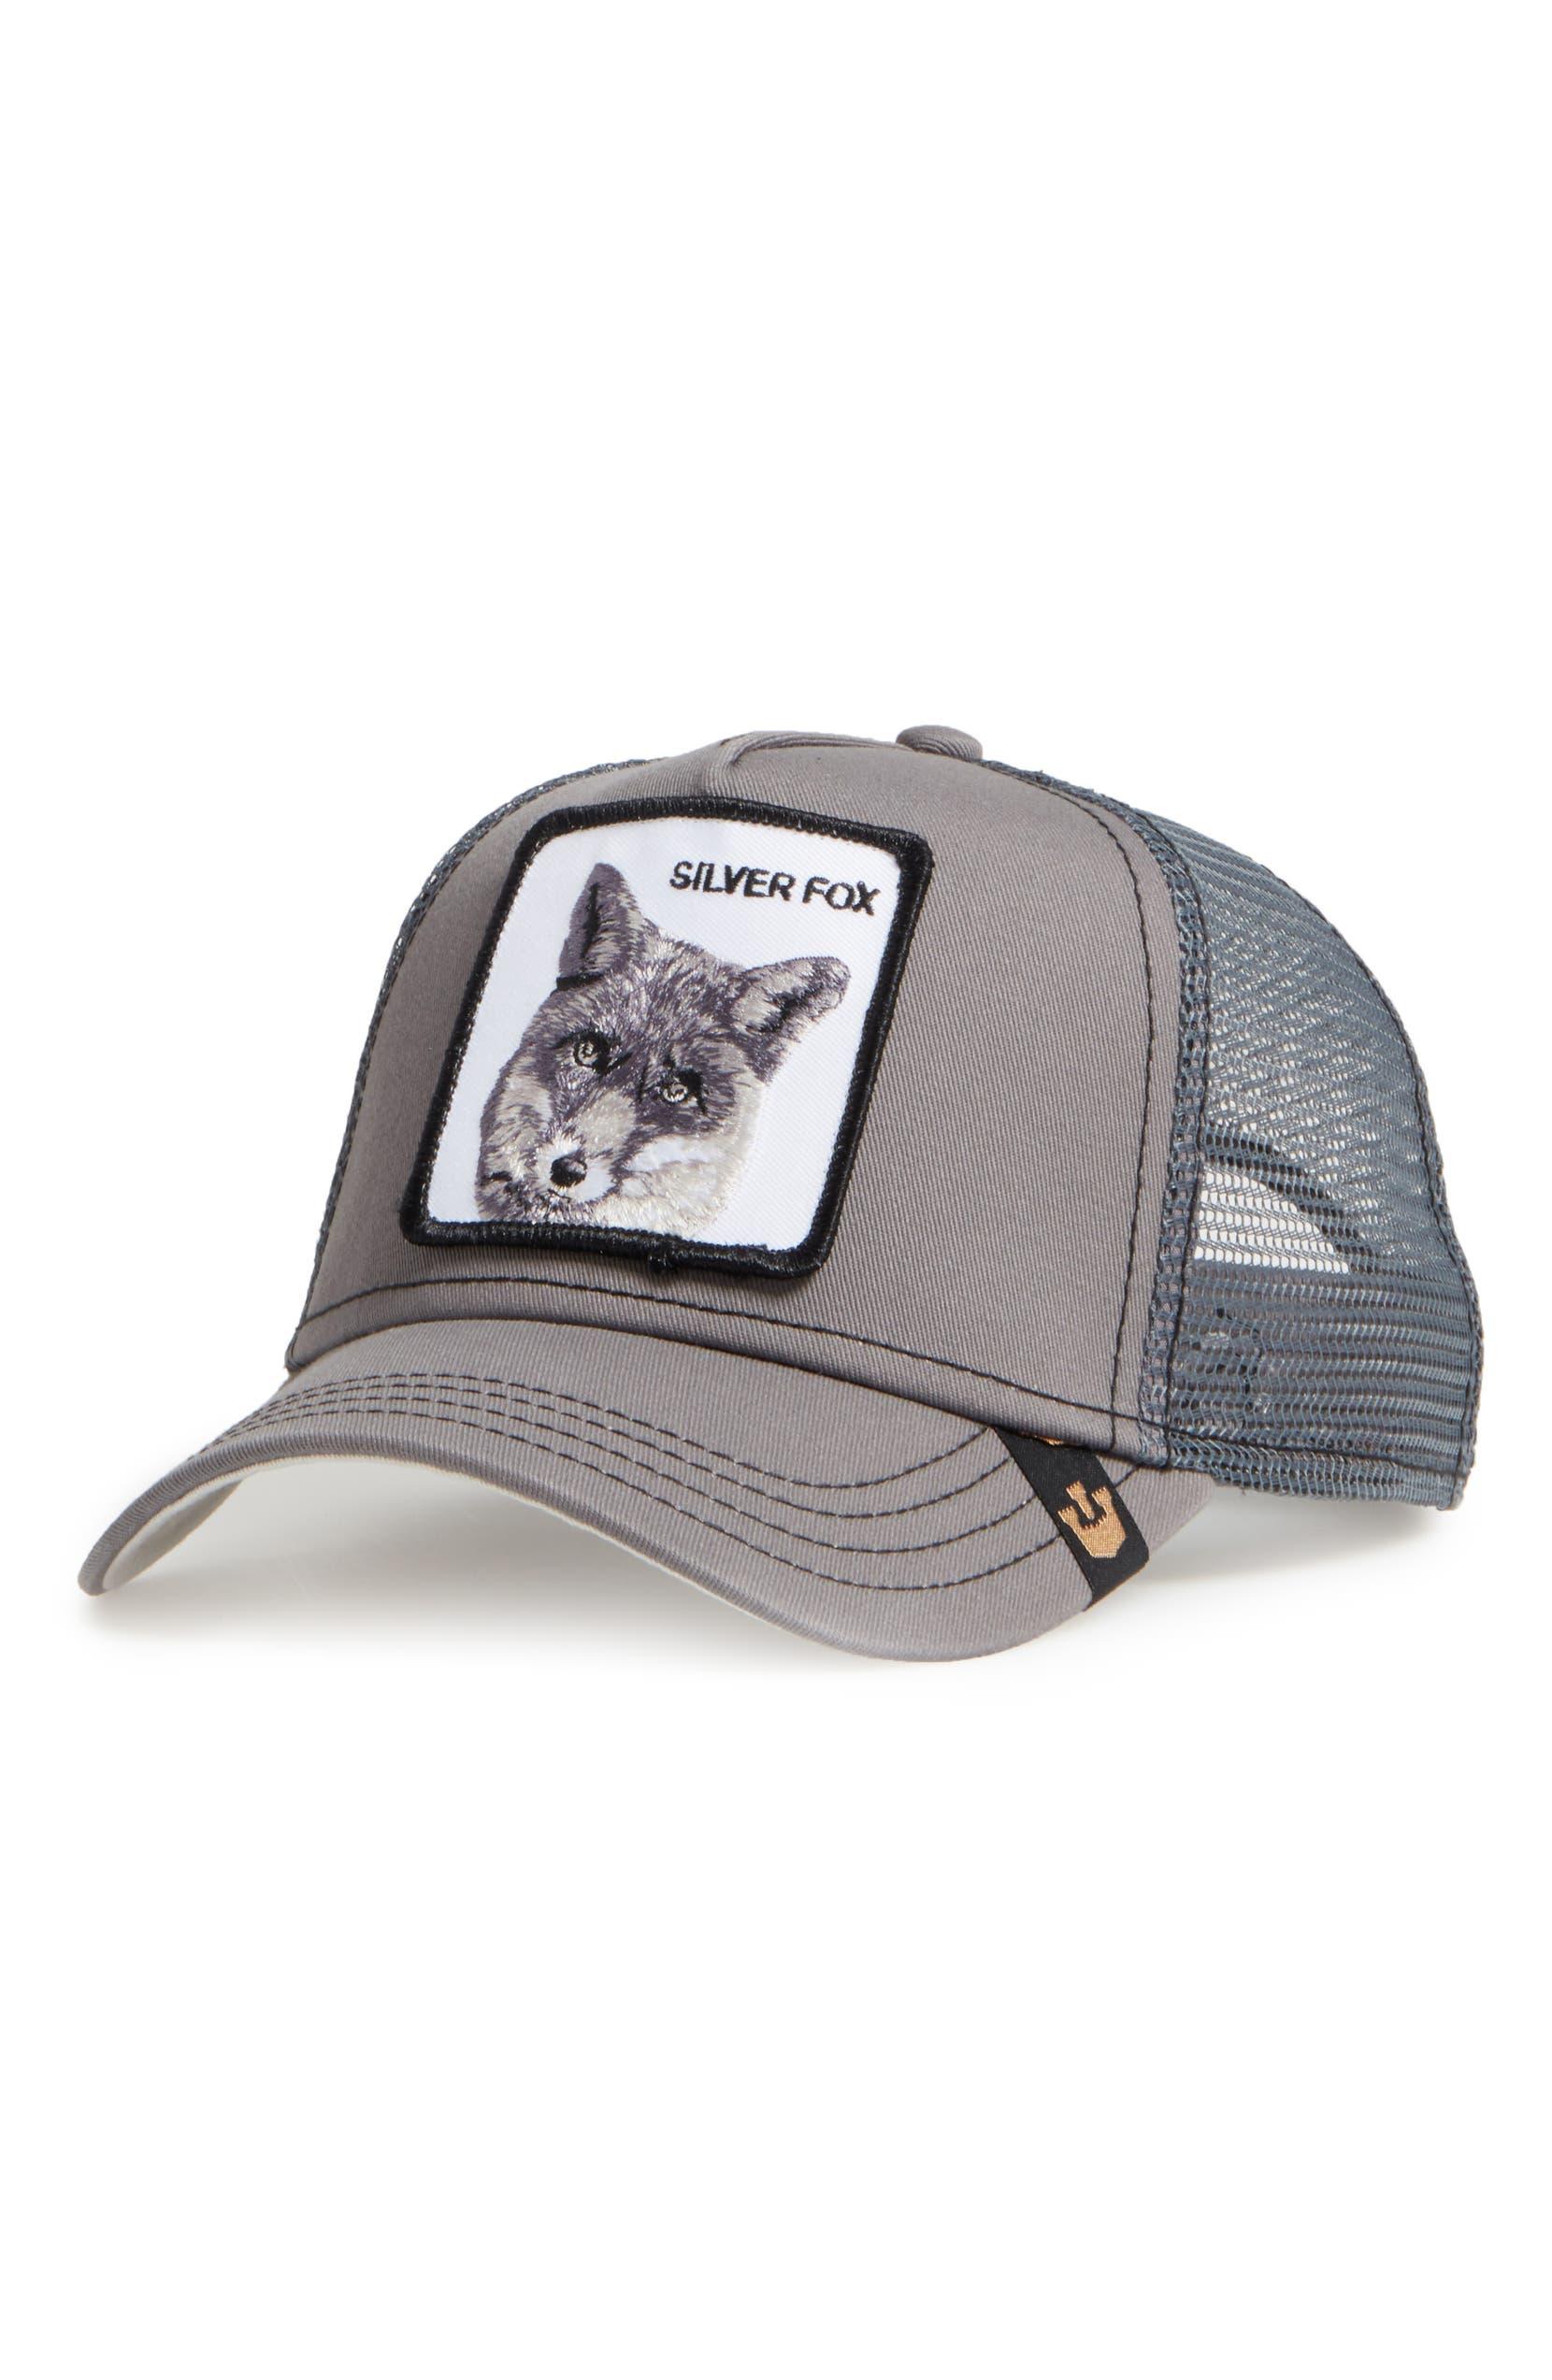 Goorin Brothers  Silver Fox  Trucker Hat  d488f684242